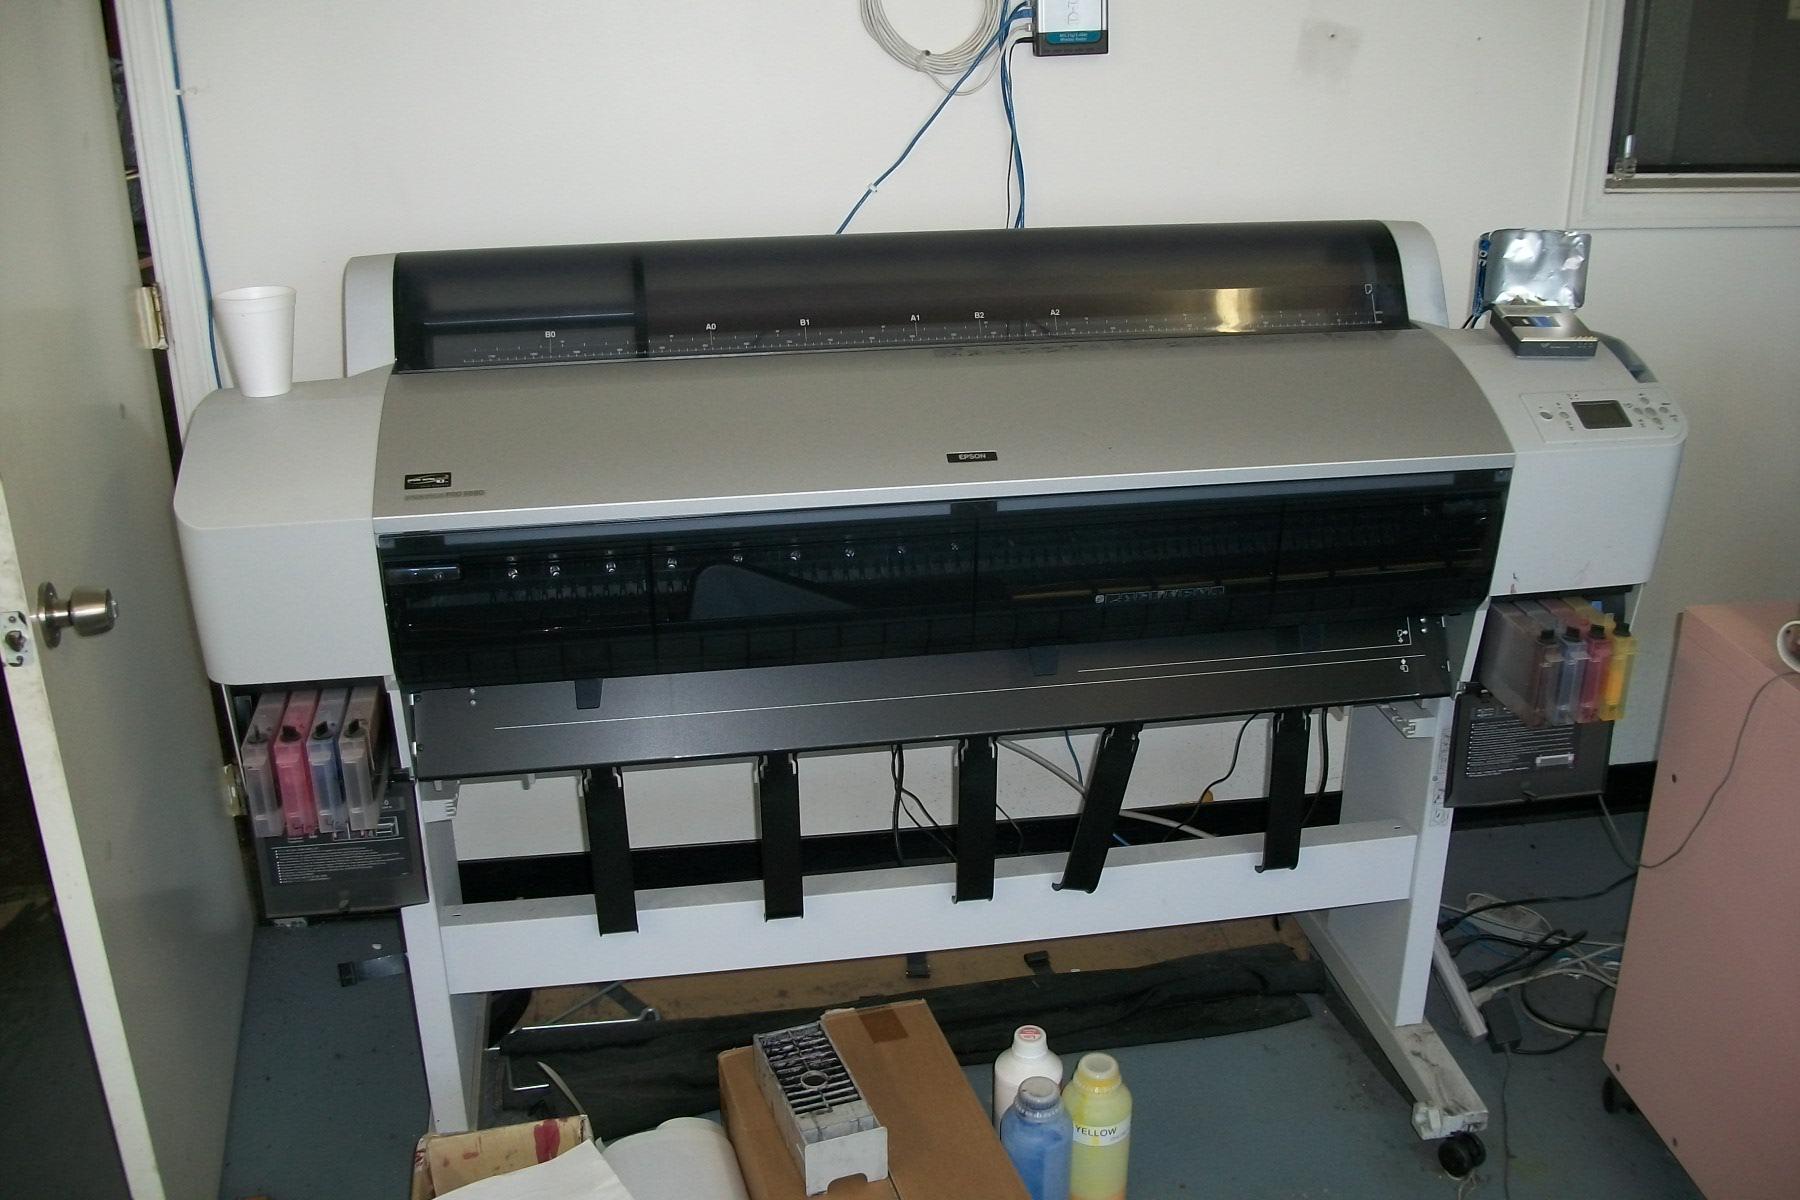 IT Supplies - Epson - Epson Stylus Pro 9880 Printer Stard Edition ...